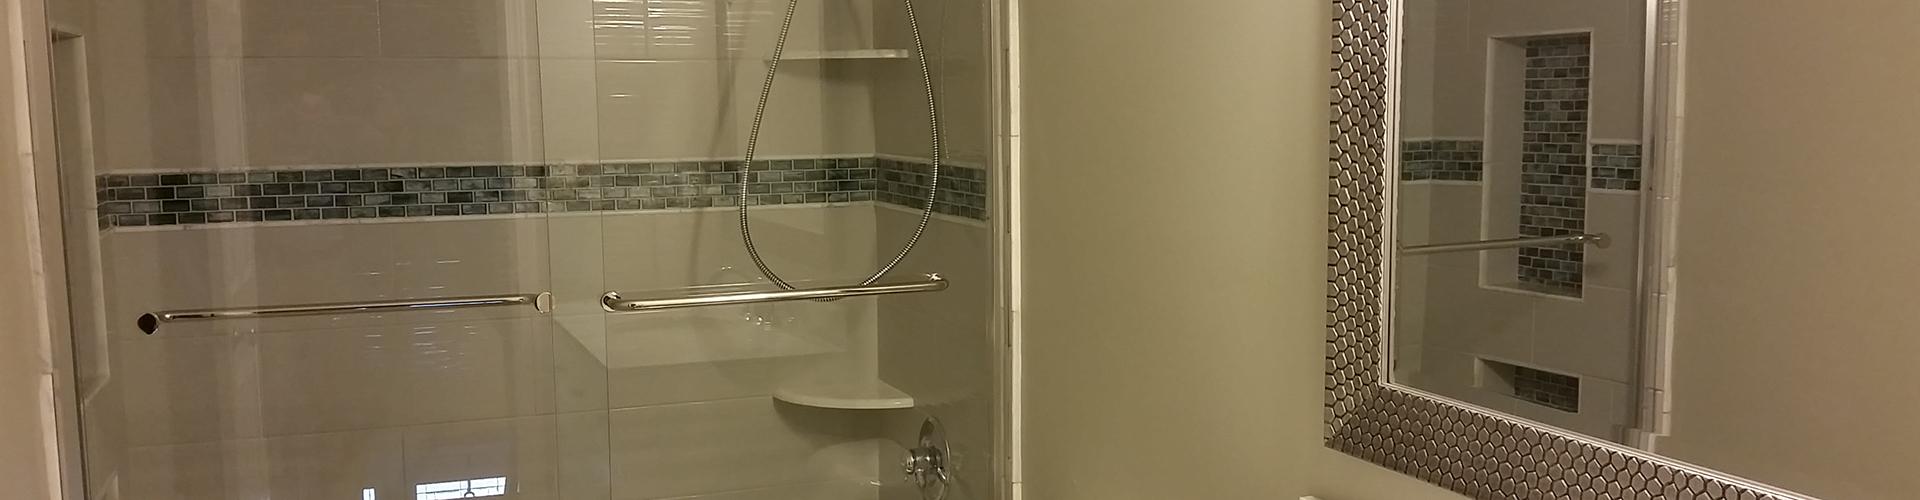 JDL Home Improvements - Bathroom remodel contractors louisville ky